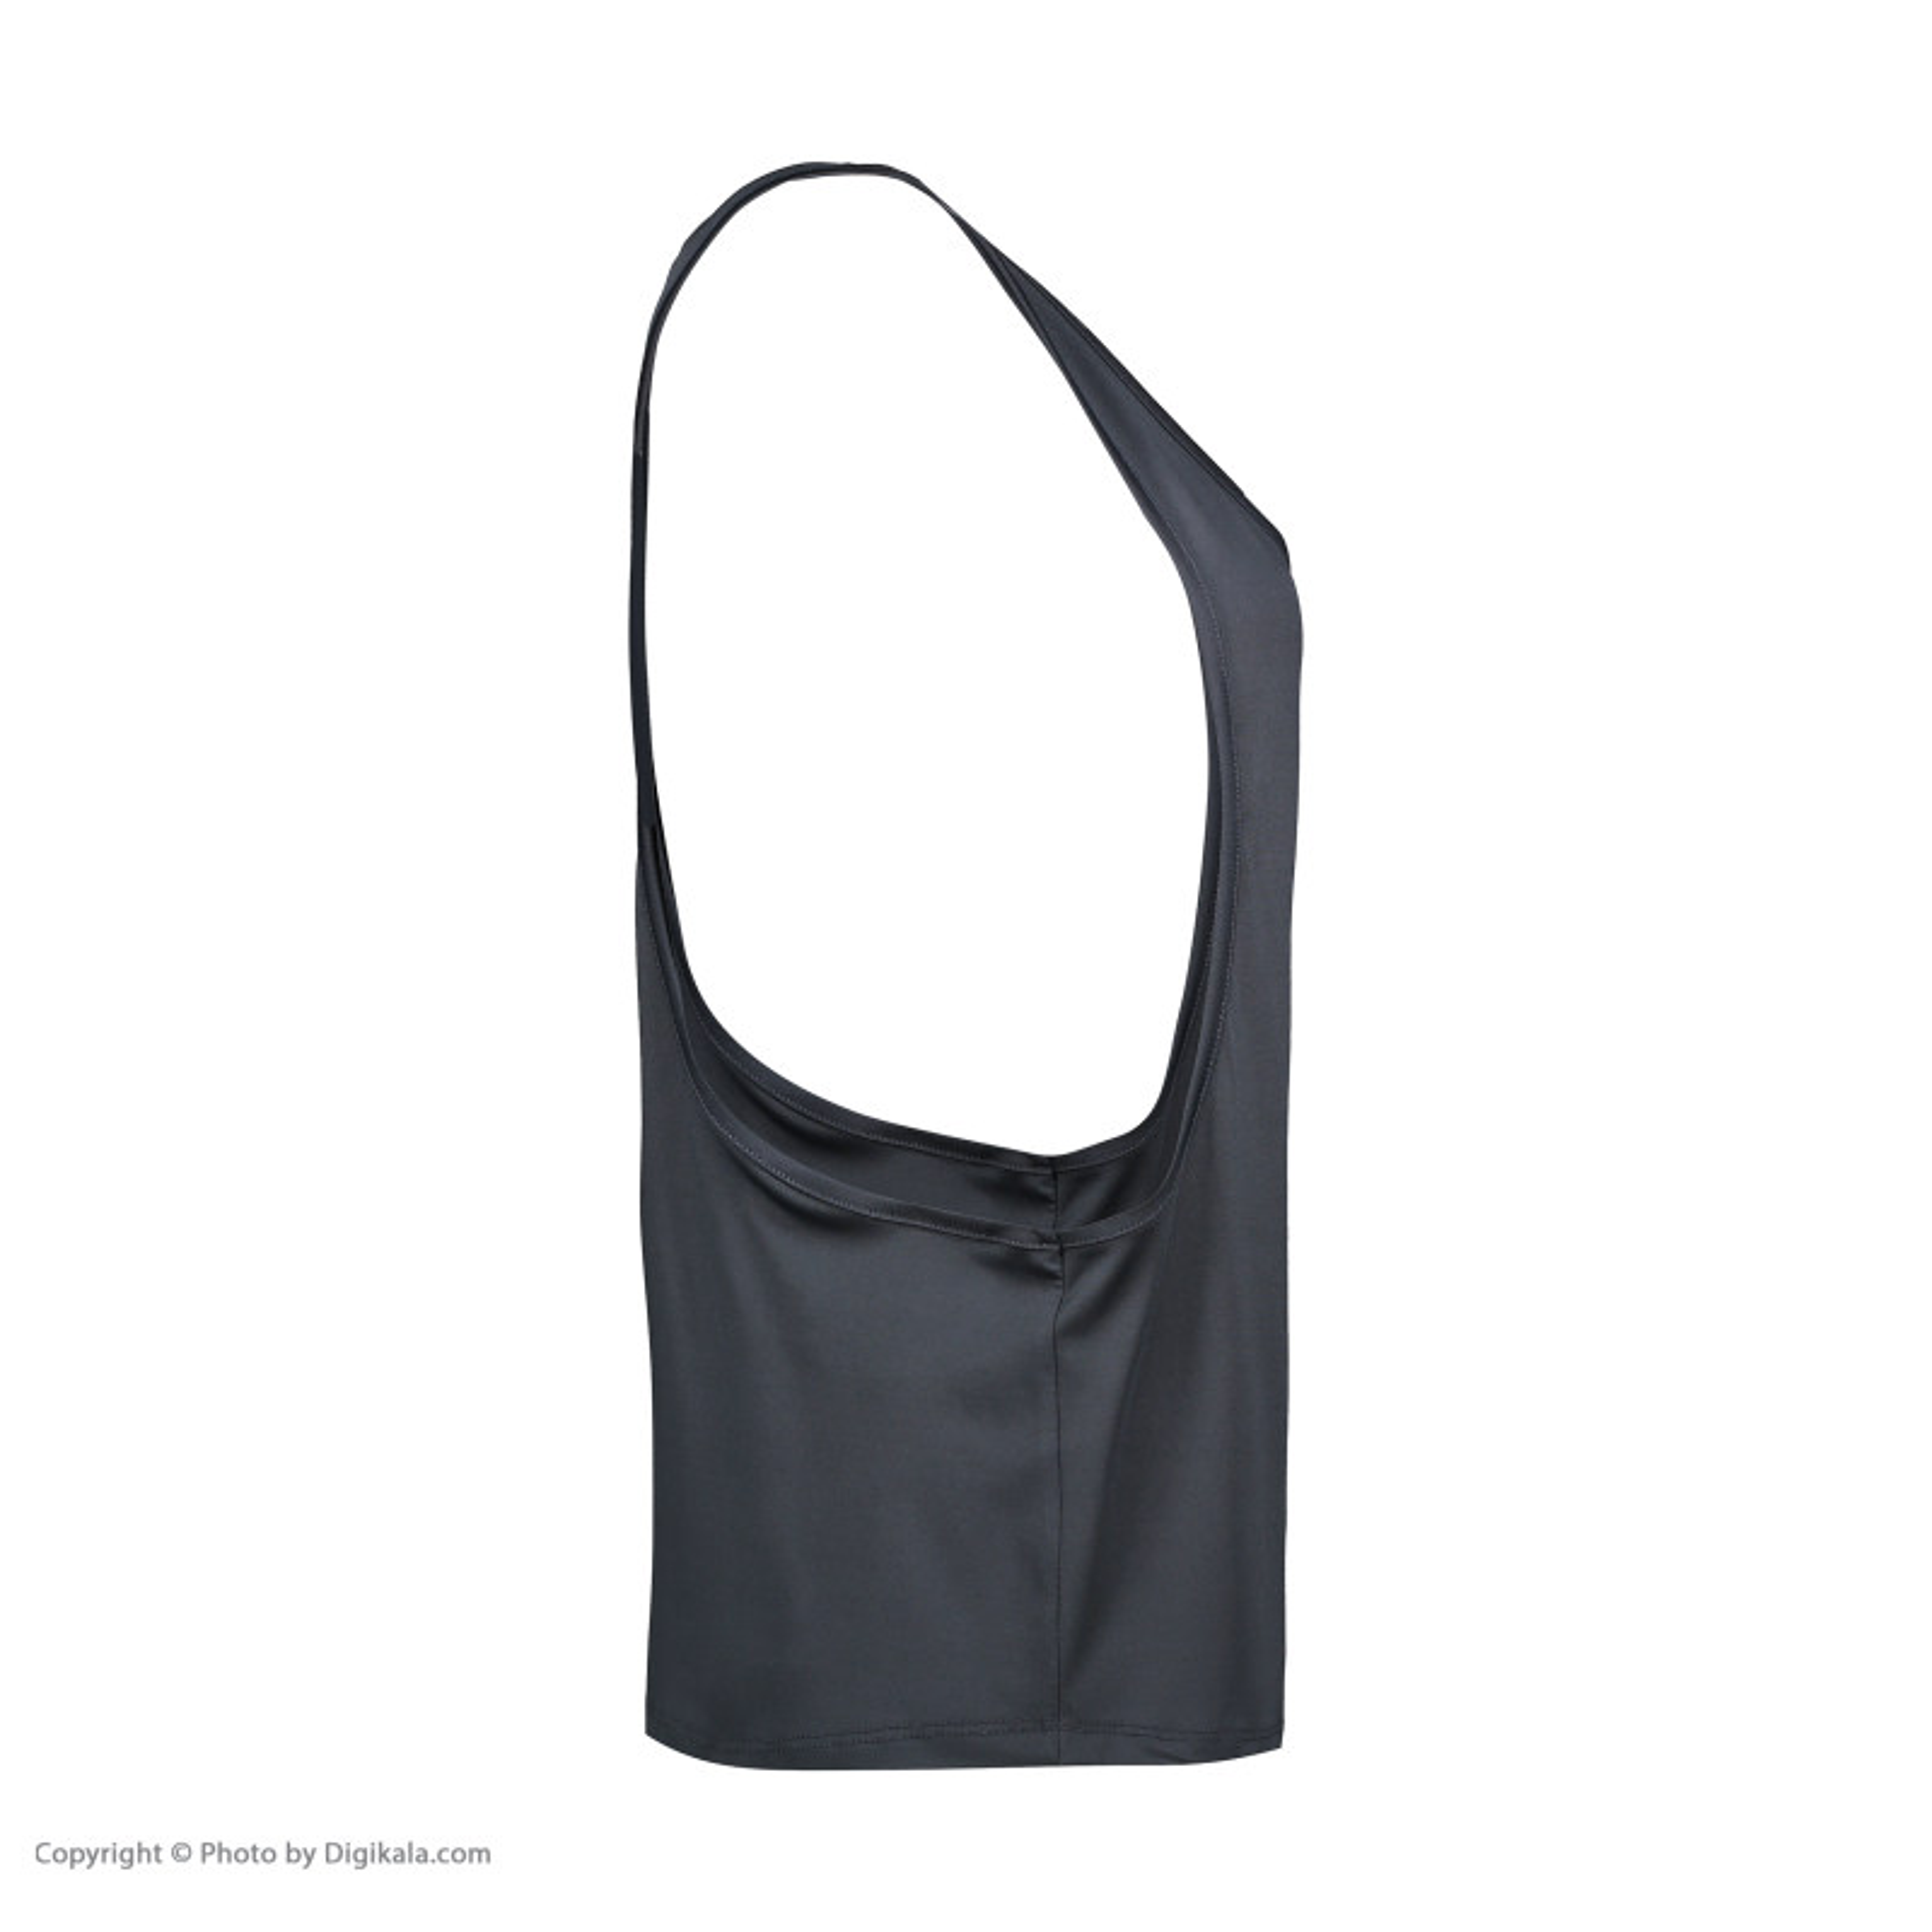 تاپ ورزشی زنانه آر ان اس مدل 1101103-94